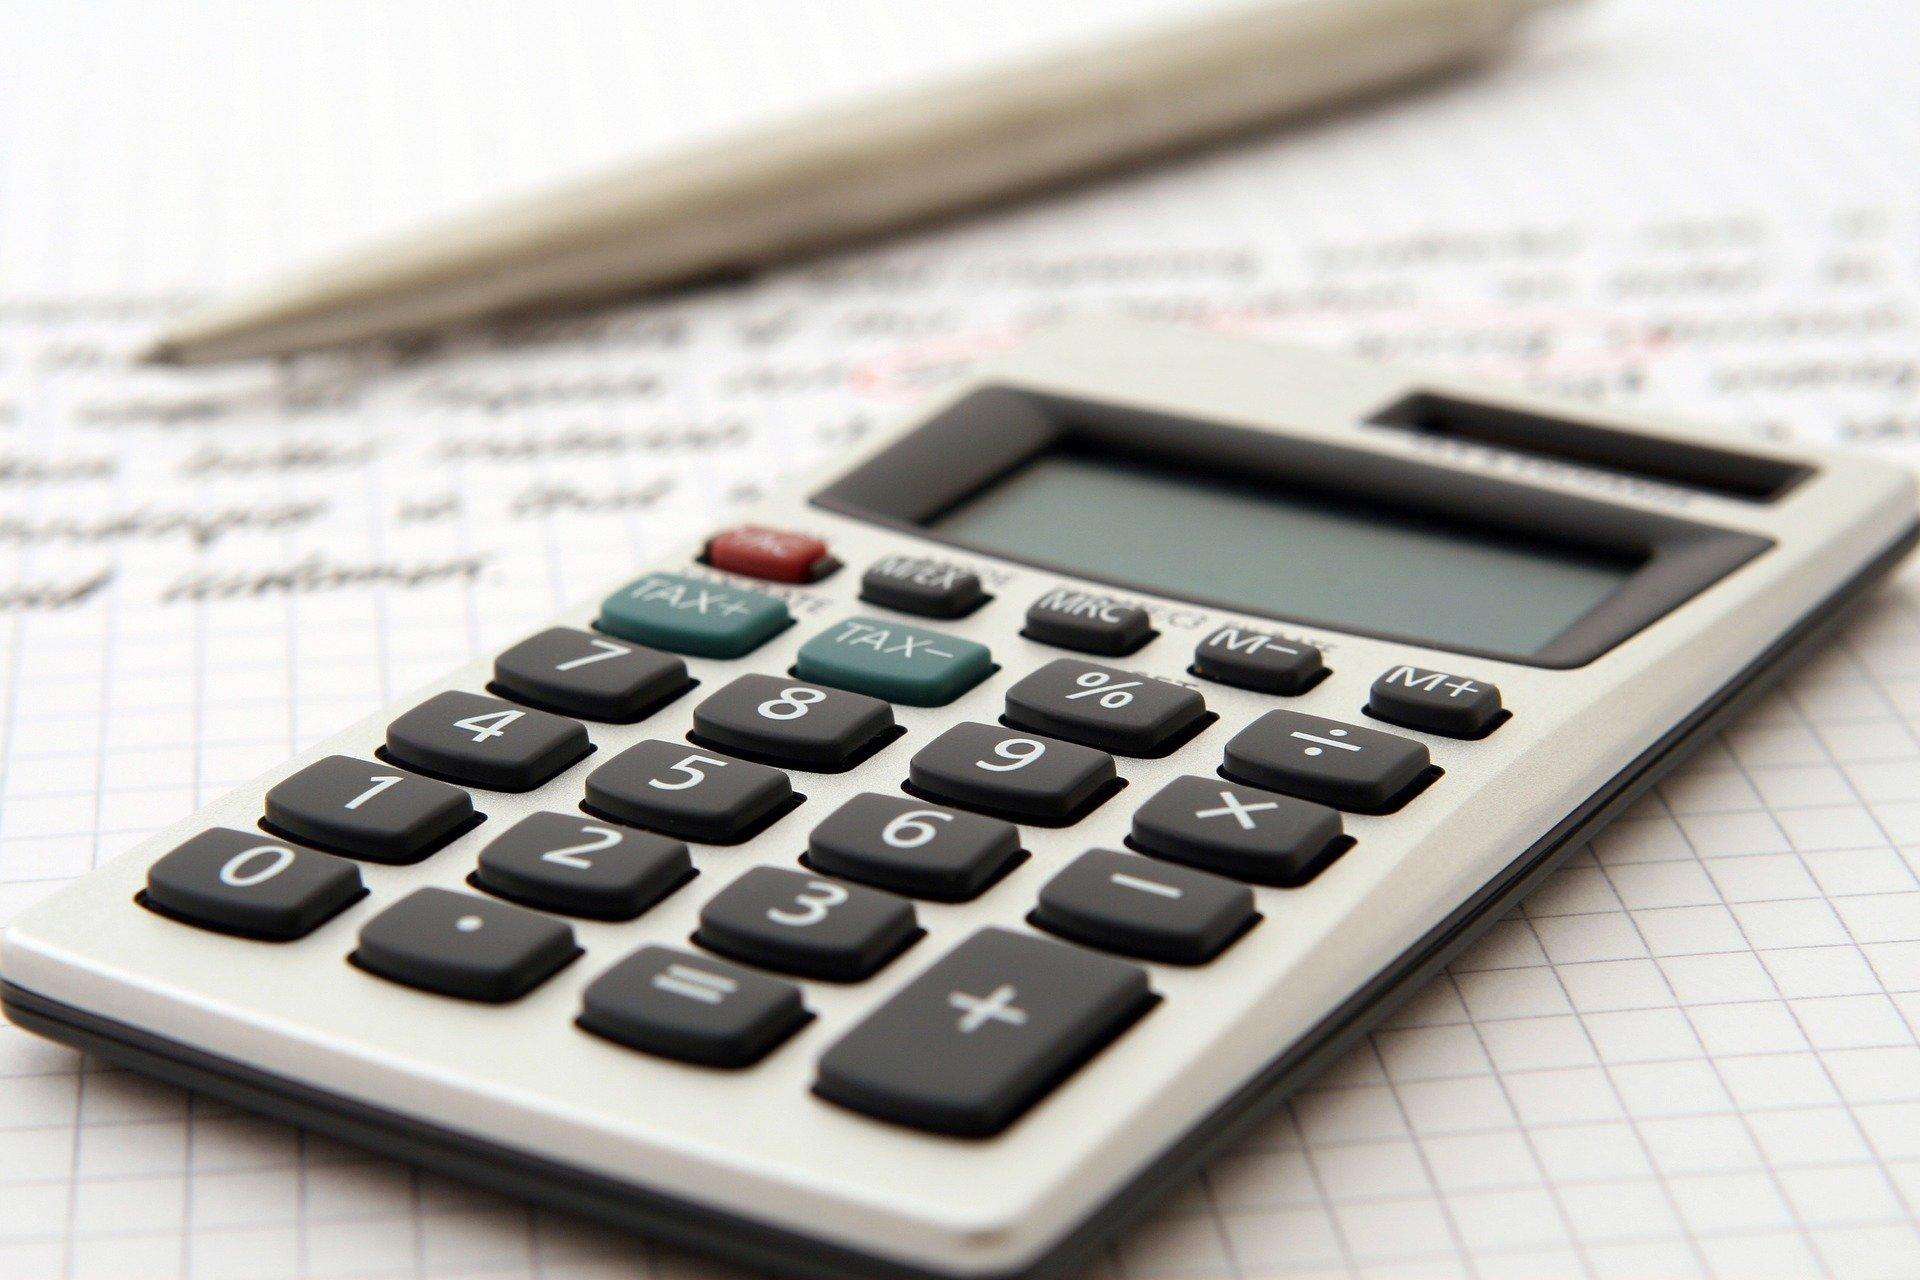 La Seguridad Social incentivará el retorno de los empleados en ERTE a través de exenciones en las cotizaciones sociales